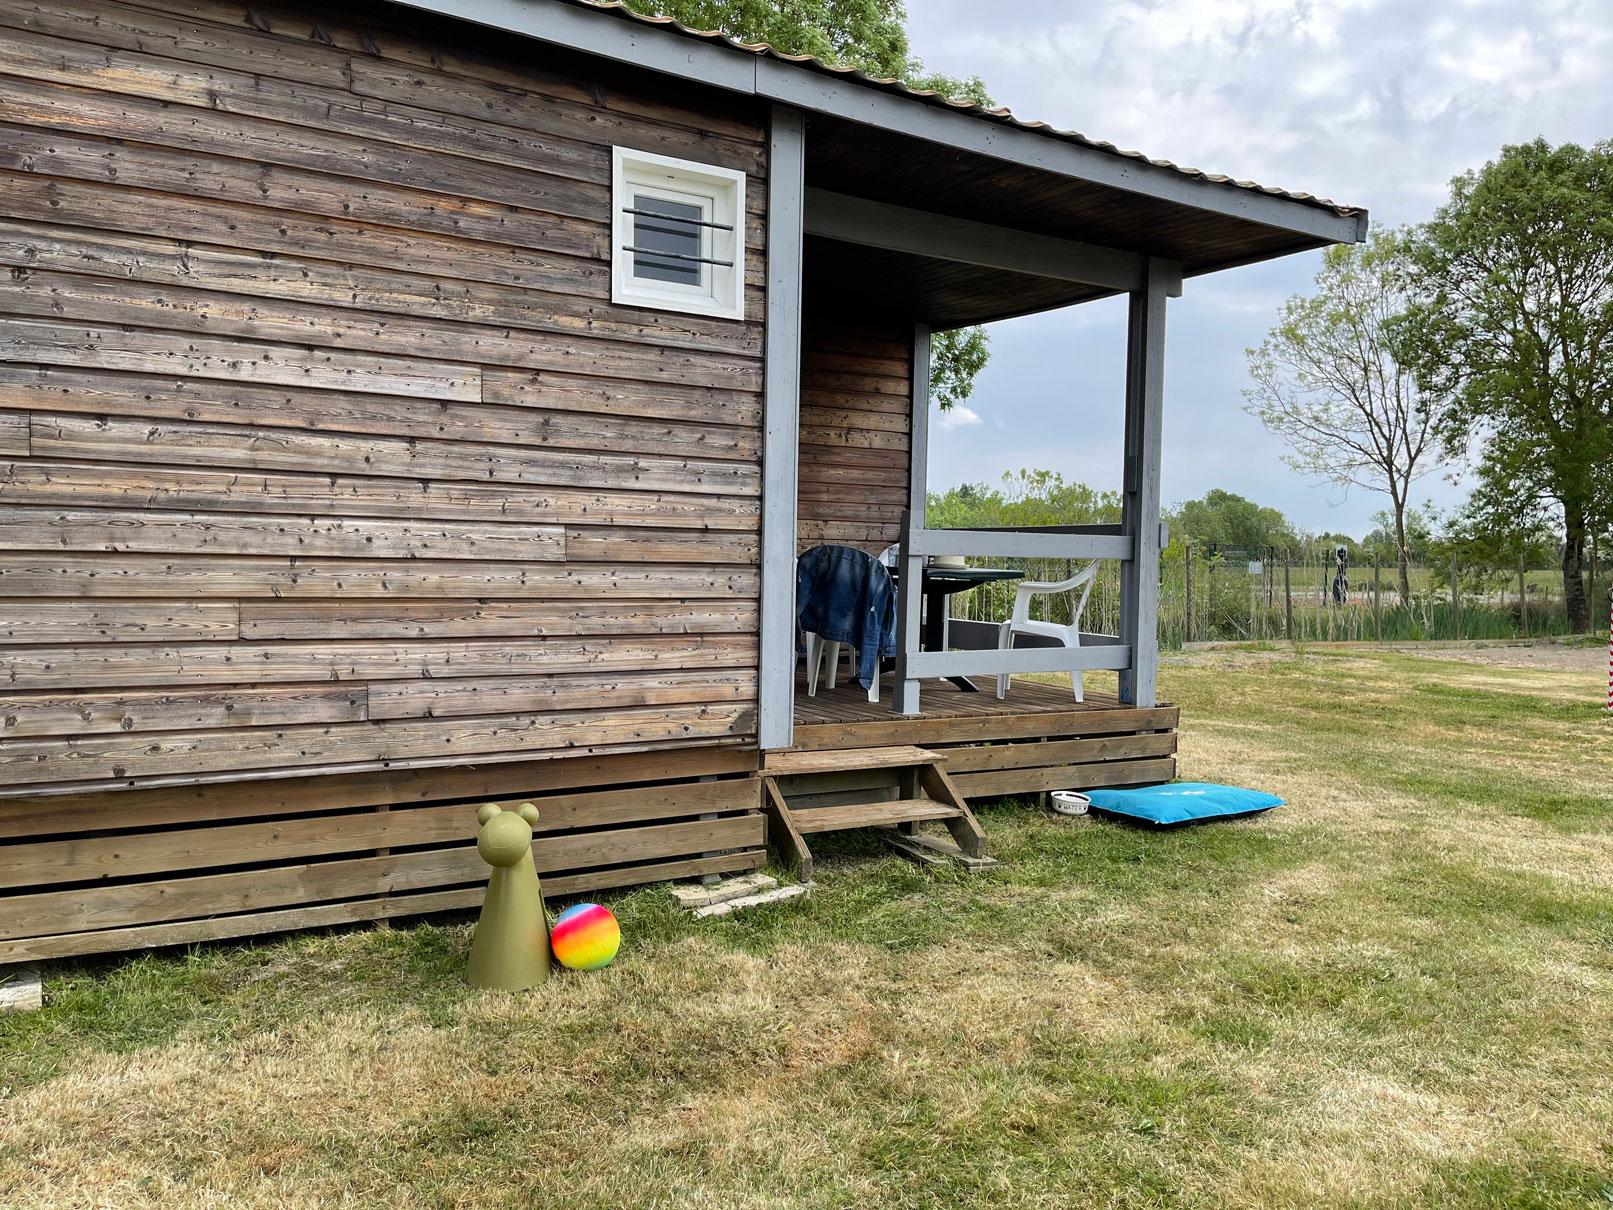 galerie-photos-services-accueil-chiens-camping-le-port-de-moricq